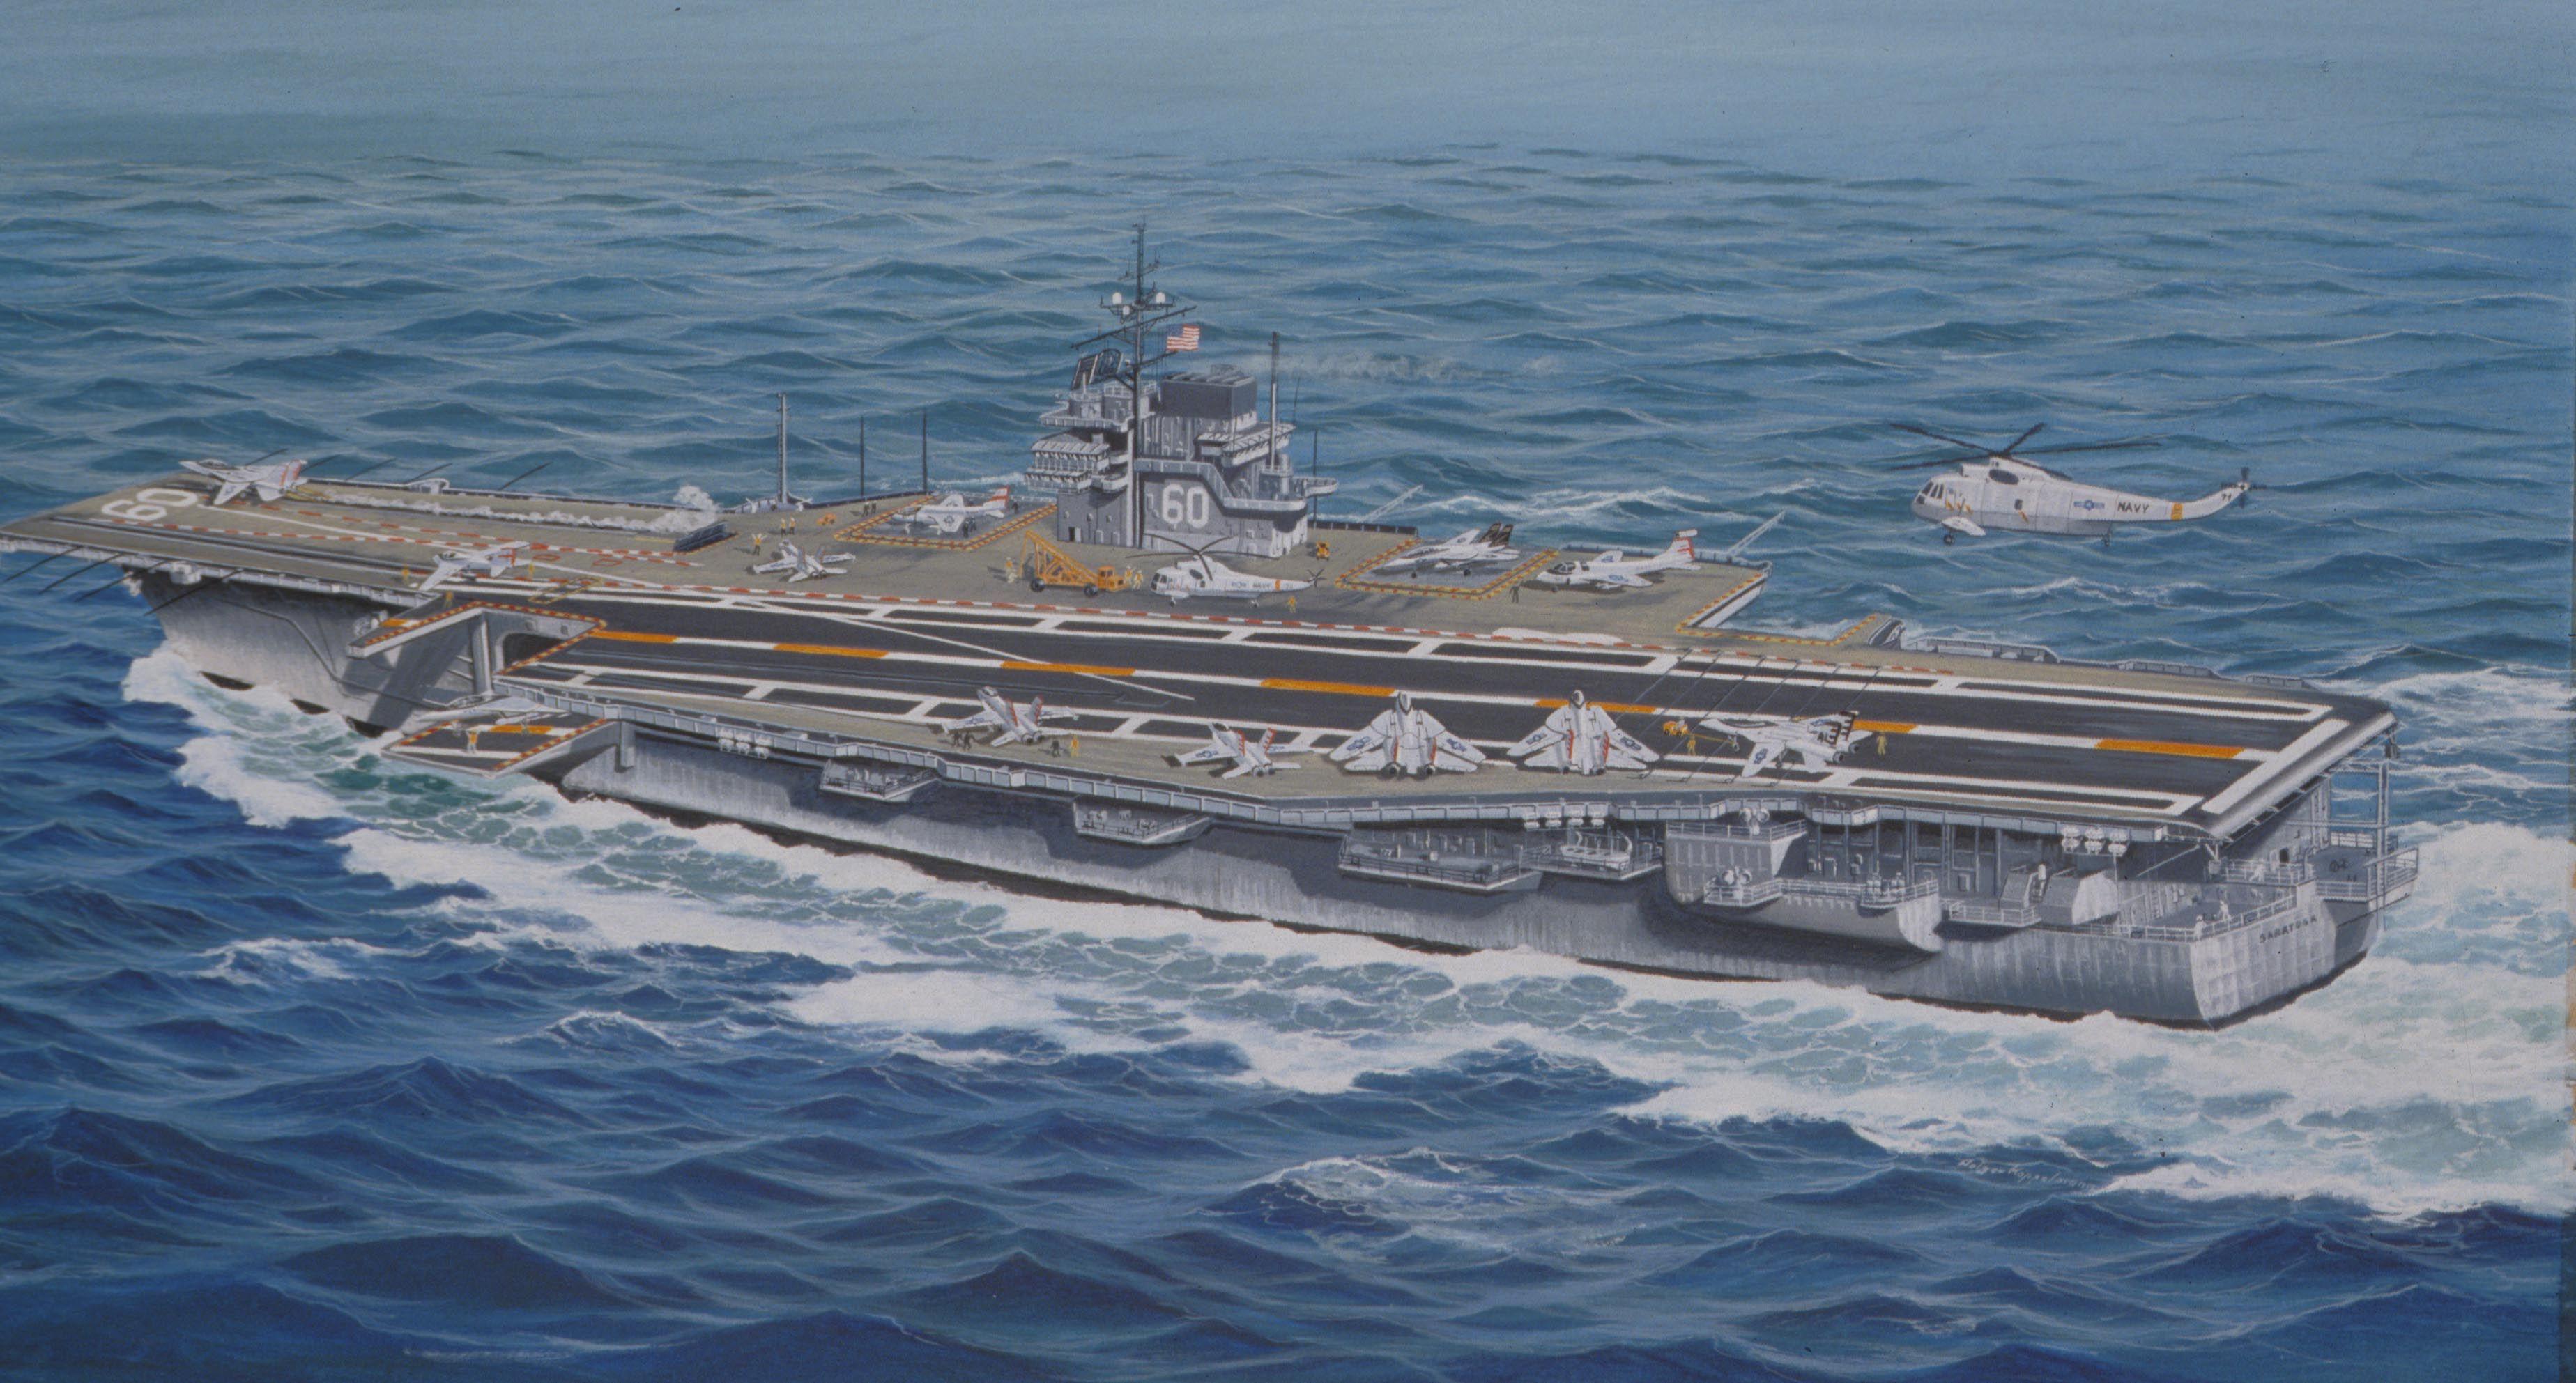 Uss Saratoga In The Persian Gulf First Gulf War